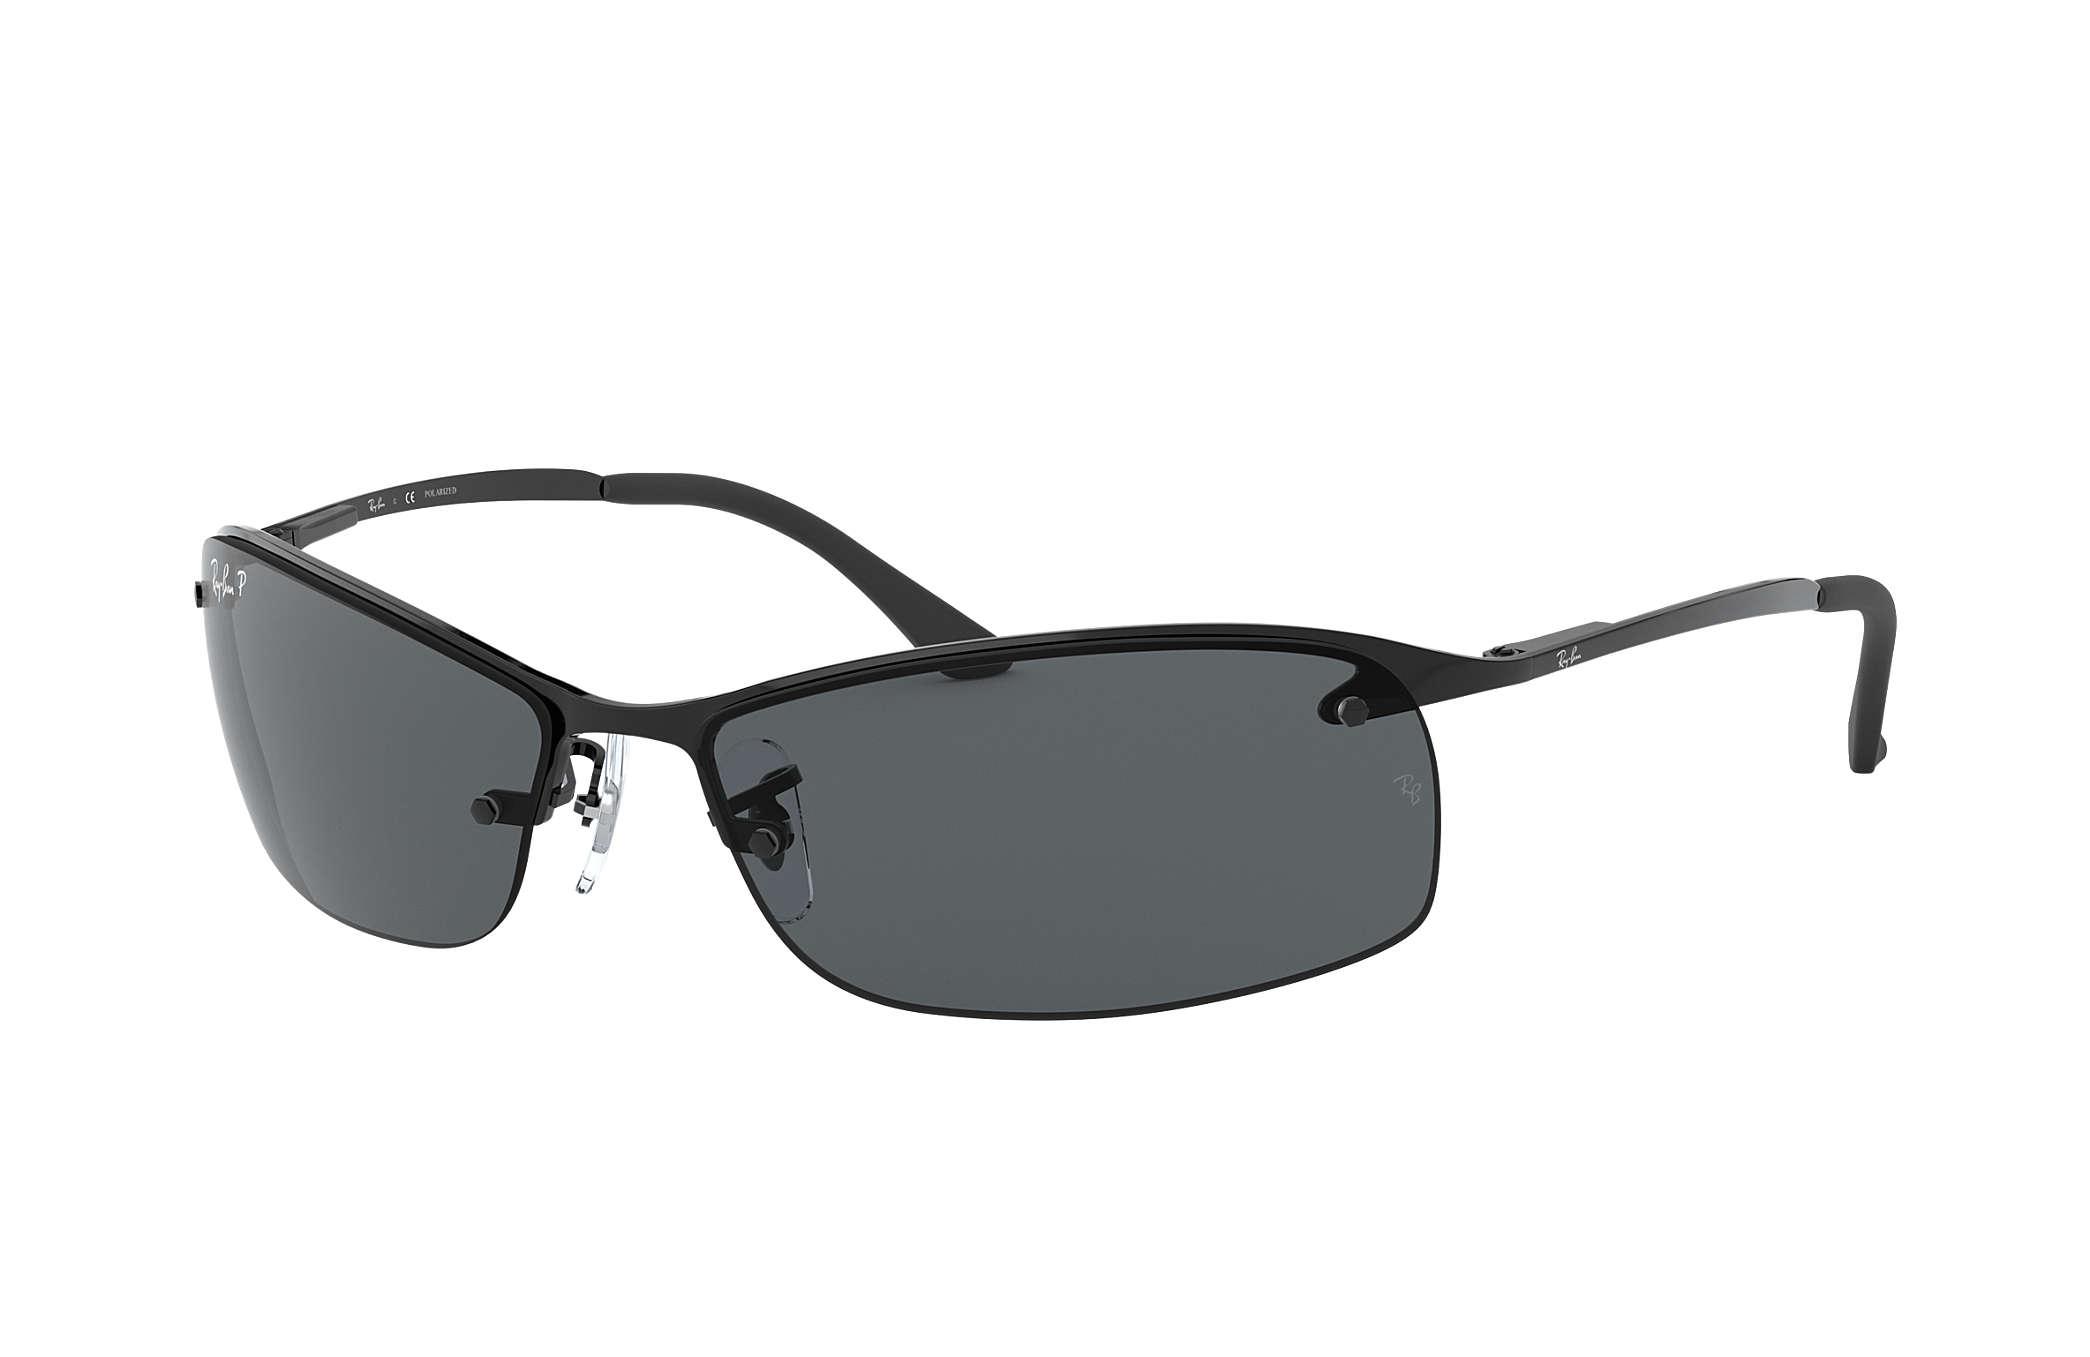 ray ban sonnenbrille metallic rb3183 grau 63